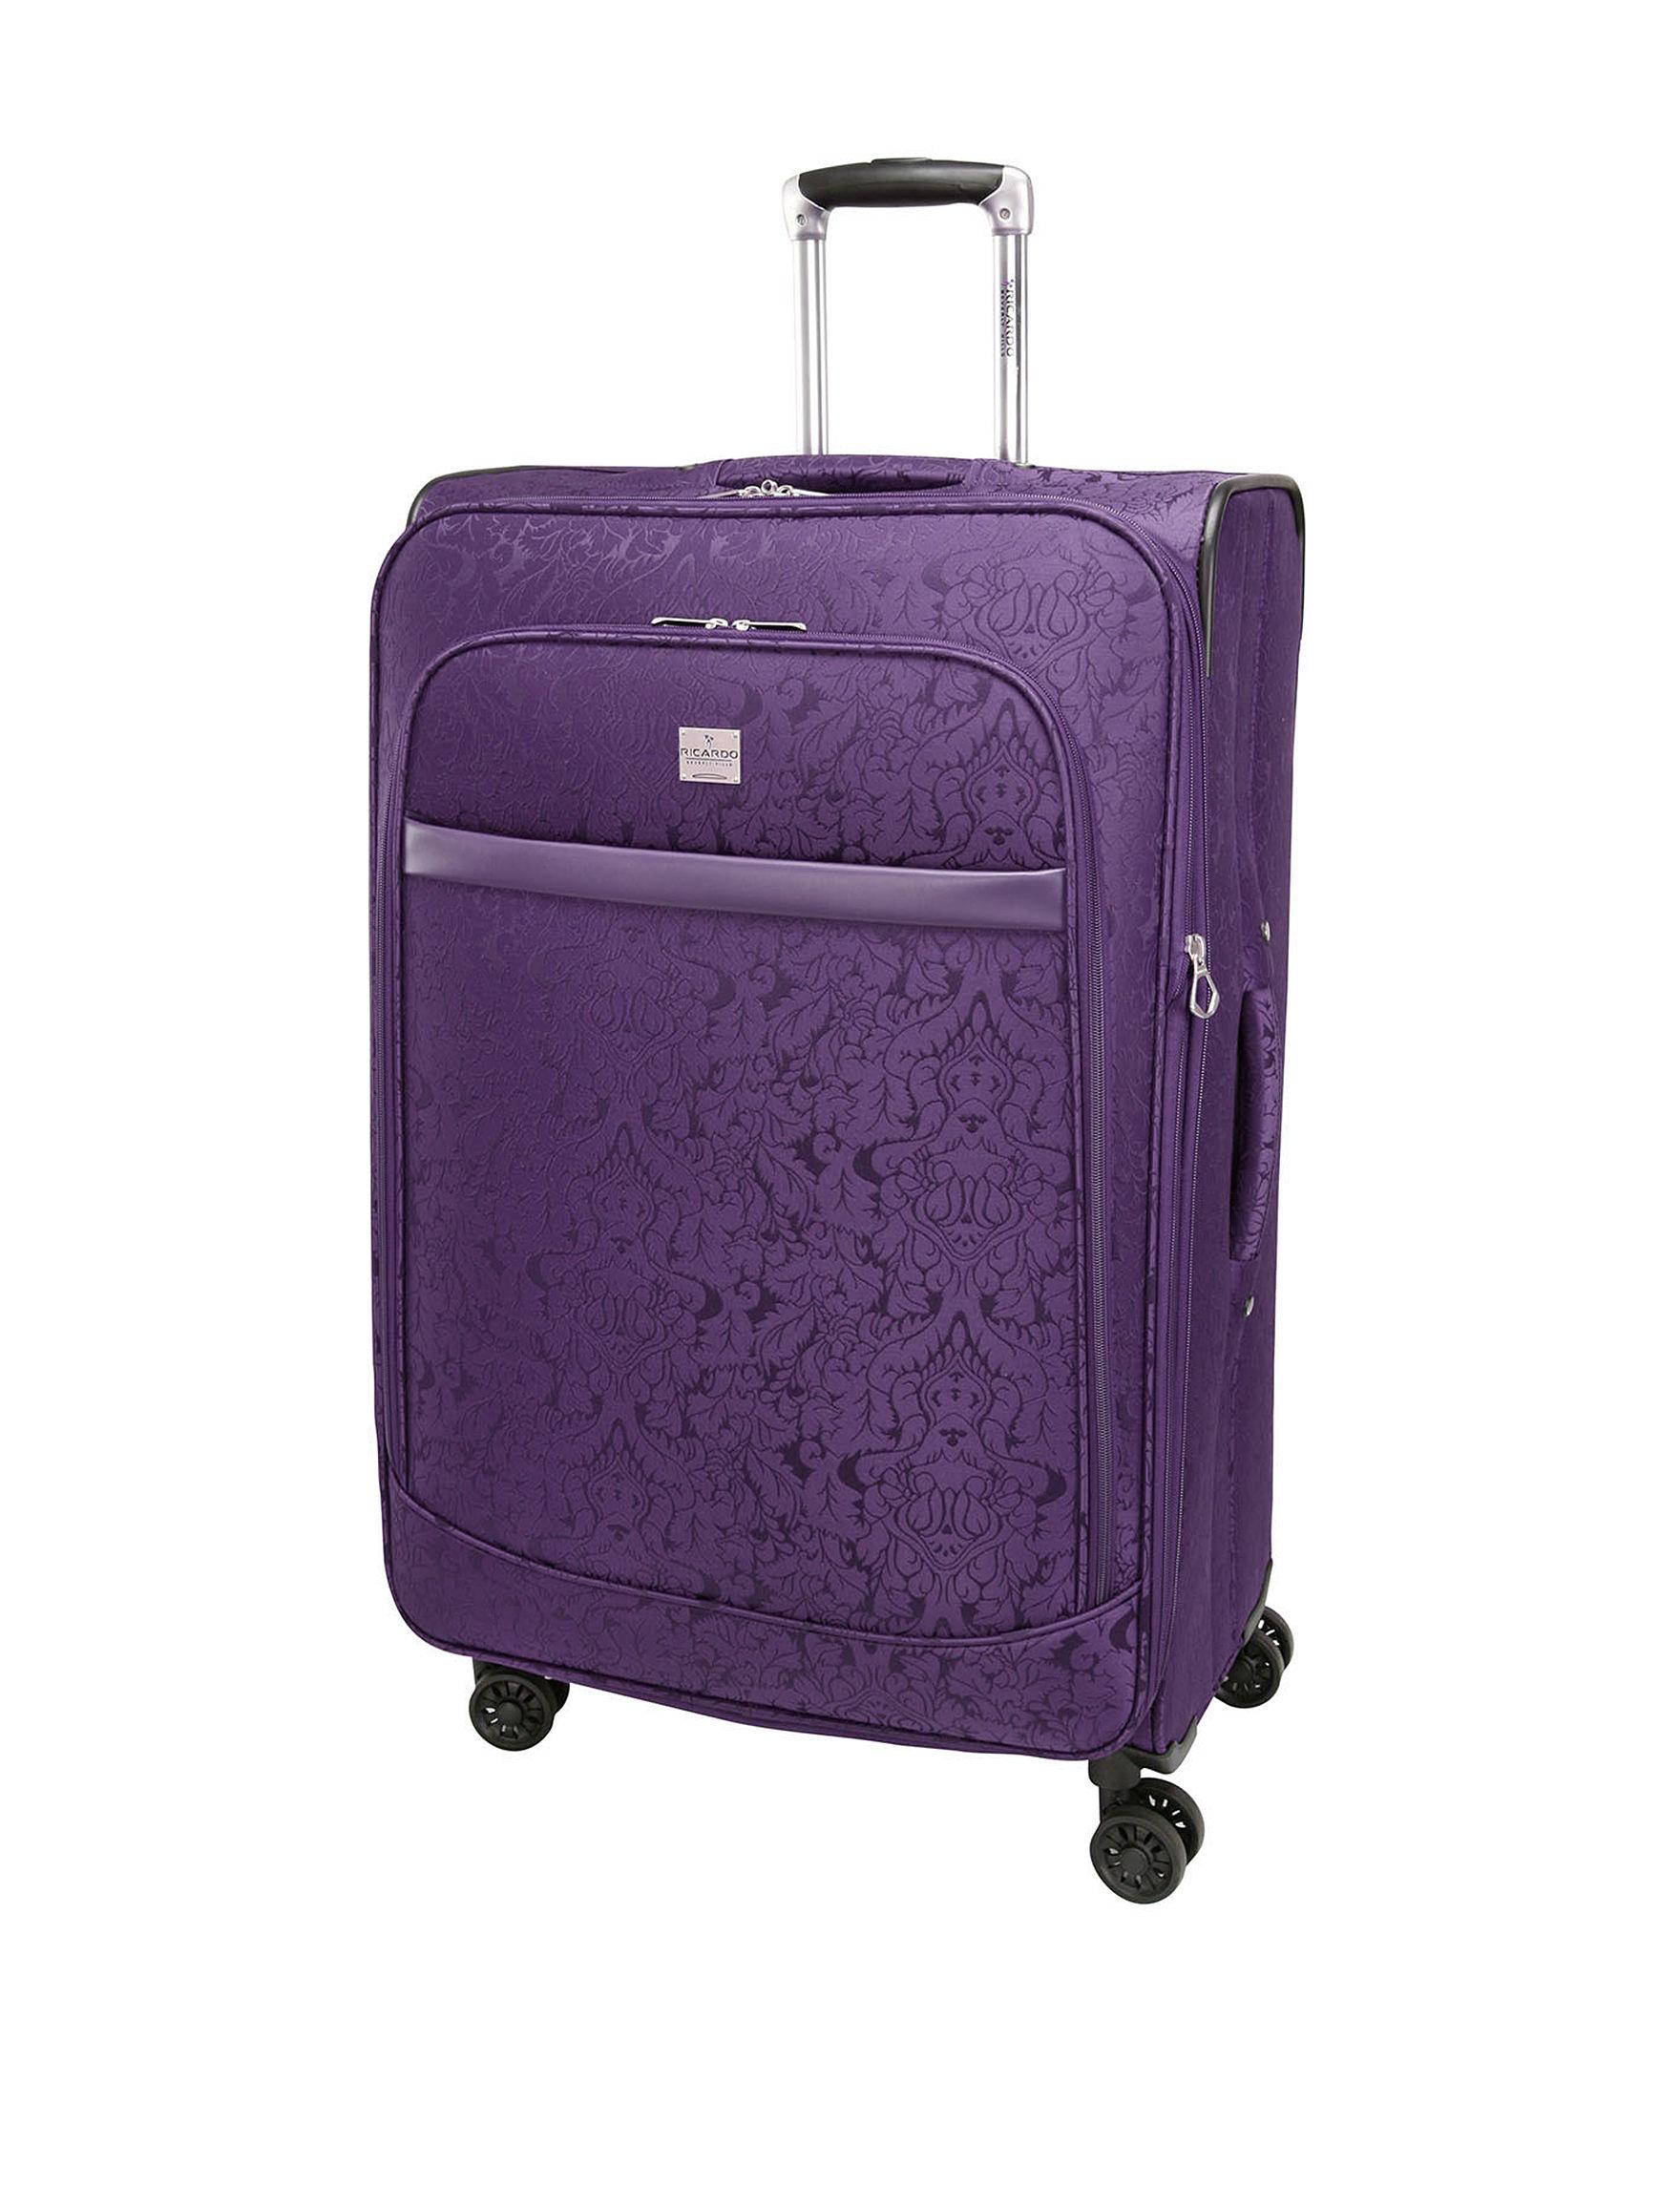 Ricardo Purple Upright Spinners